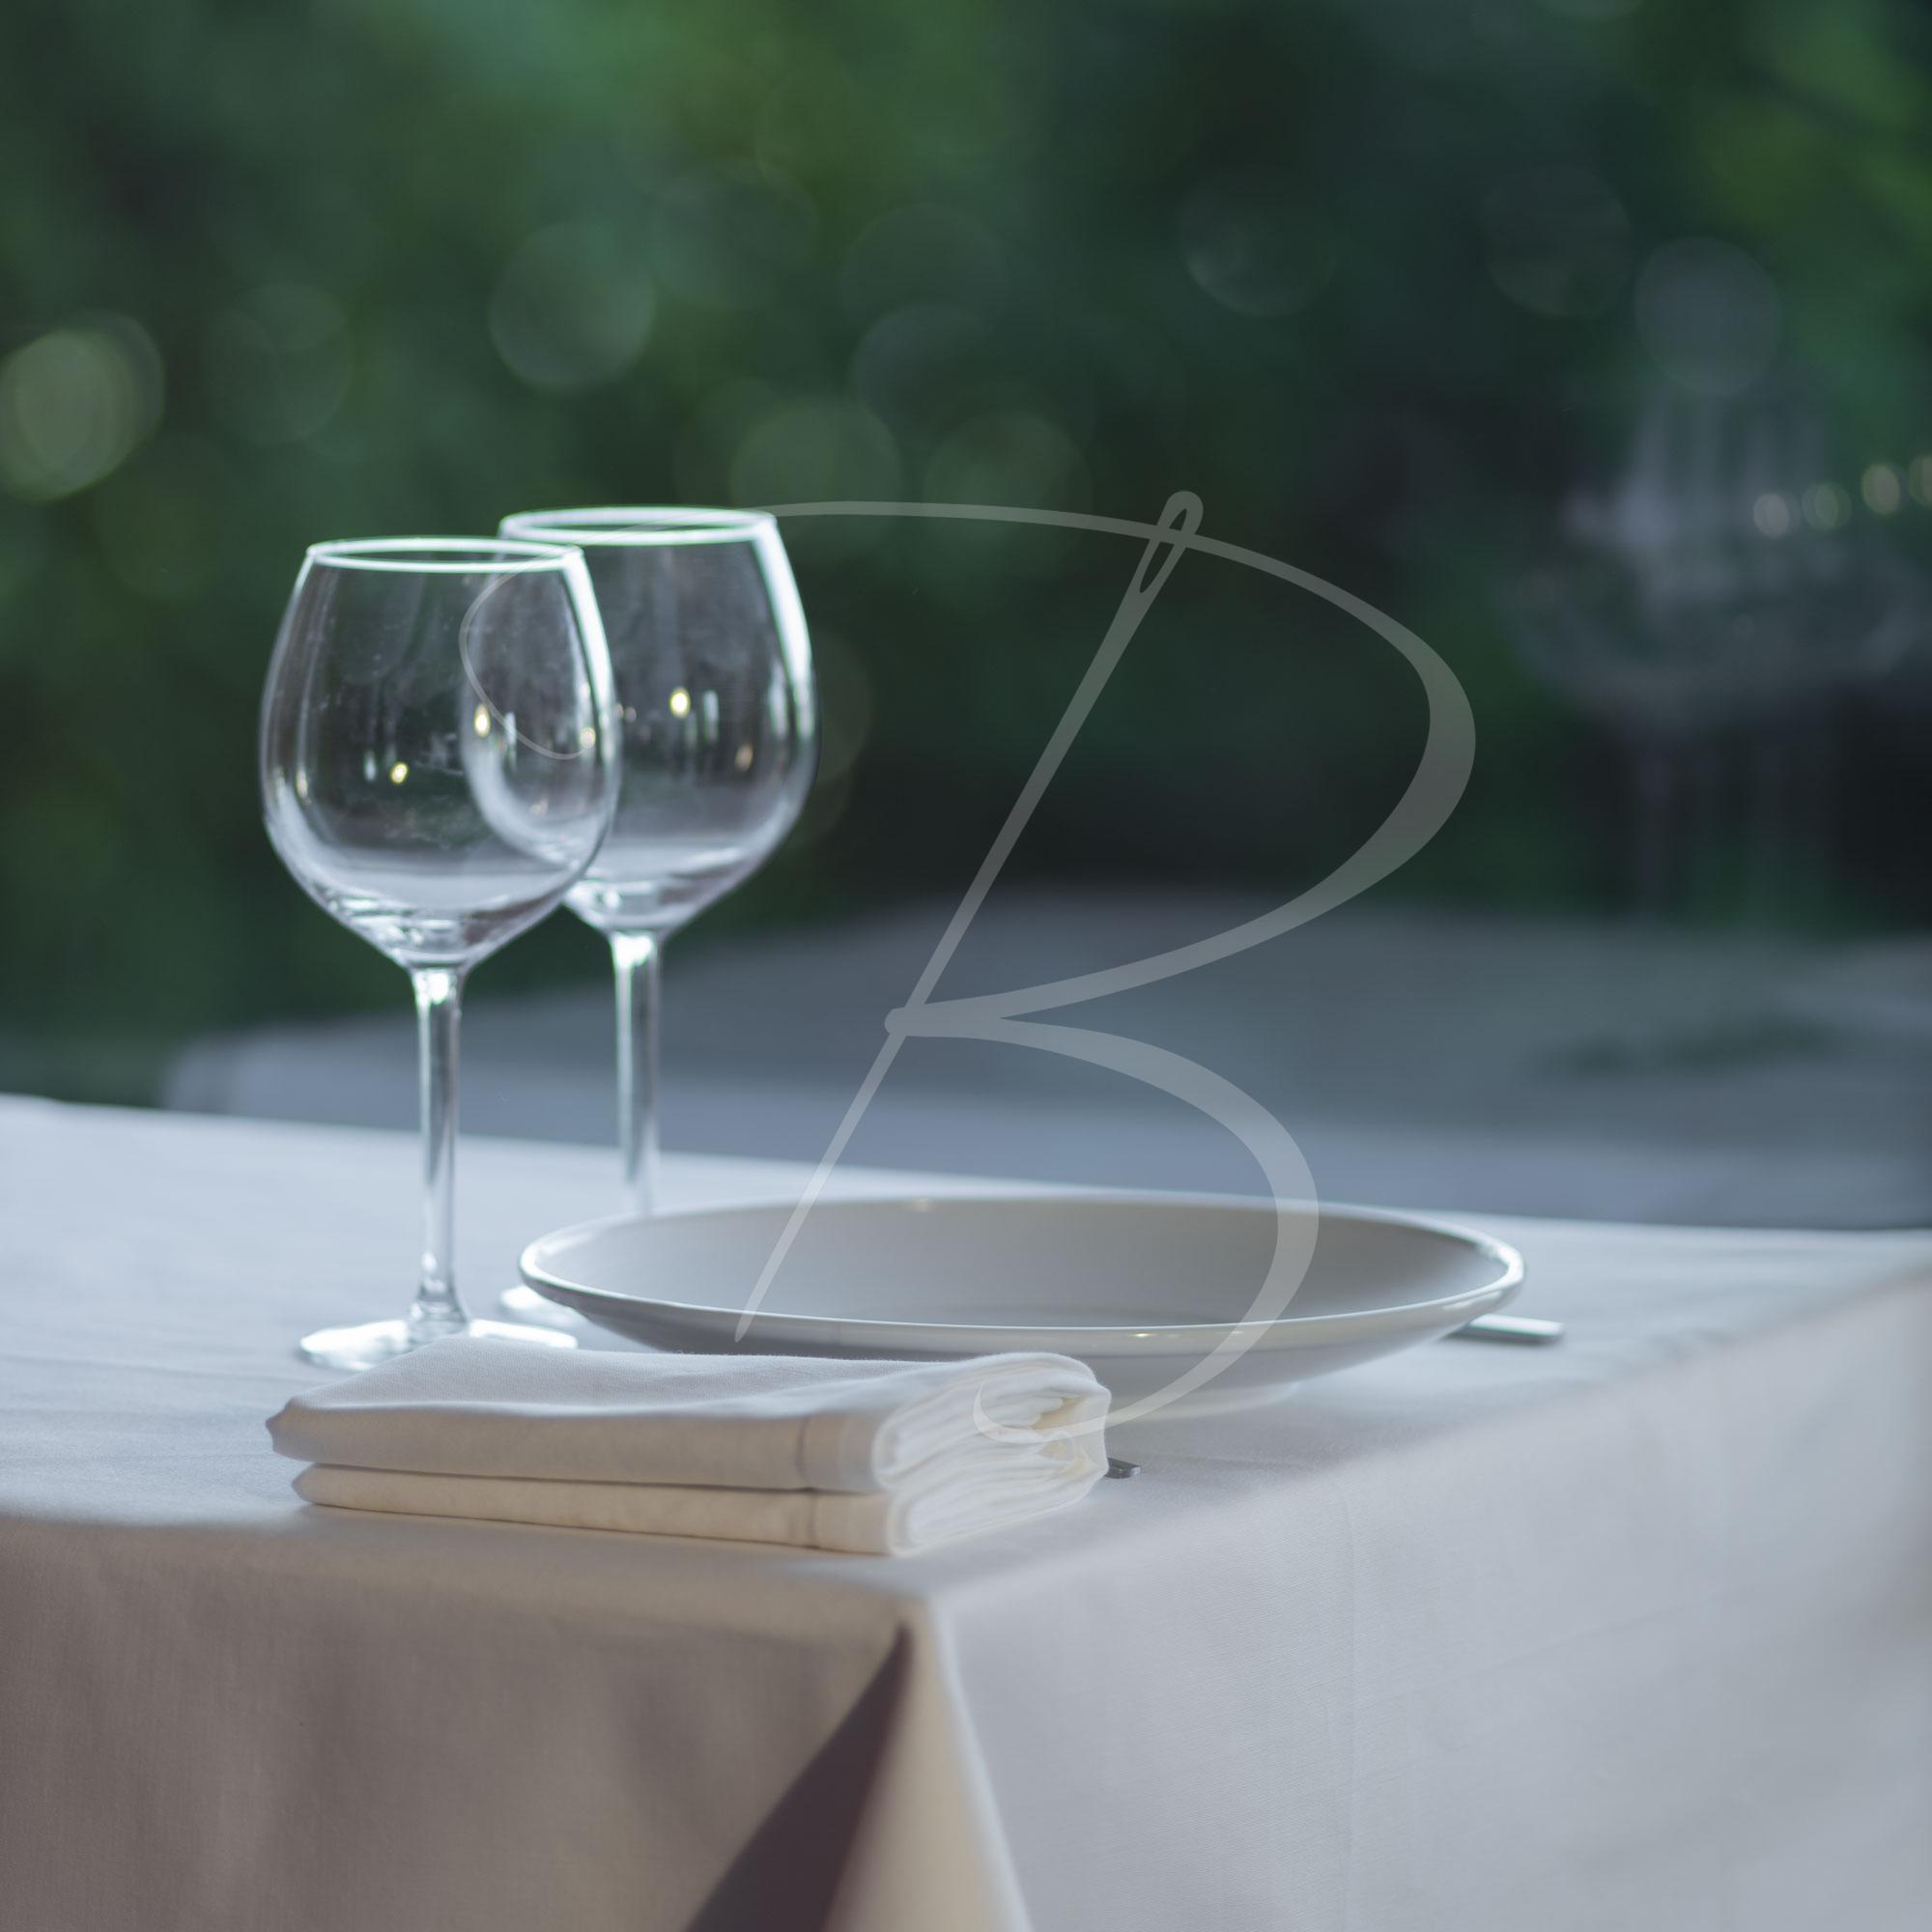 linge-table-st-julien-metis